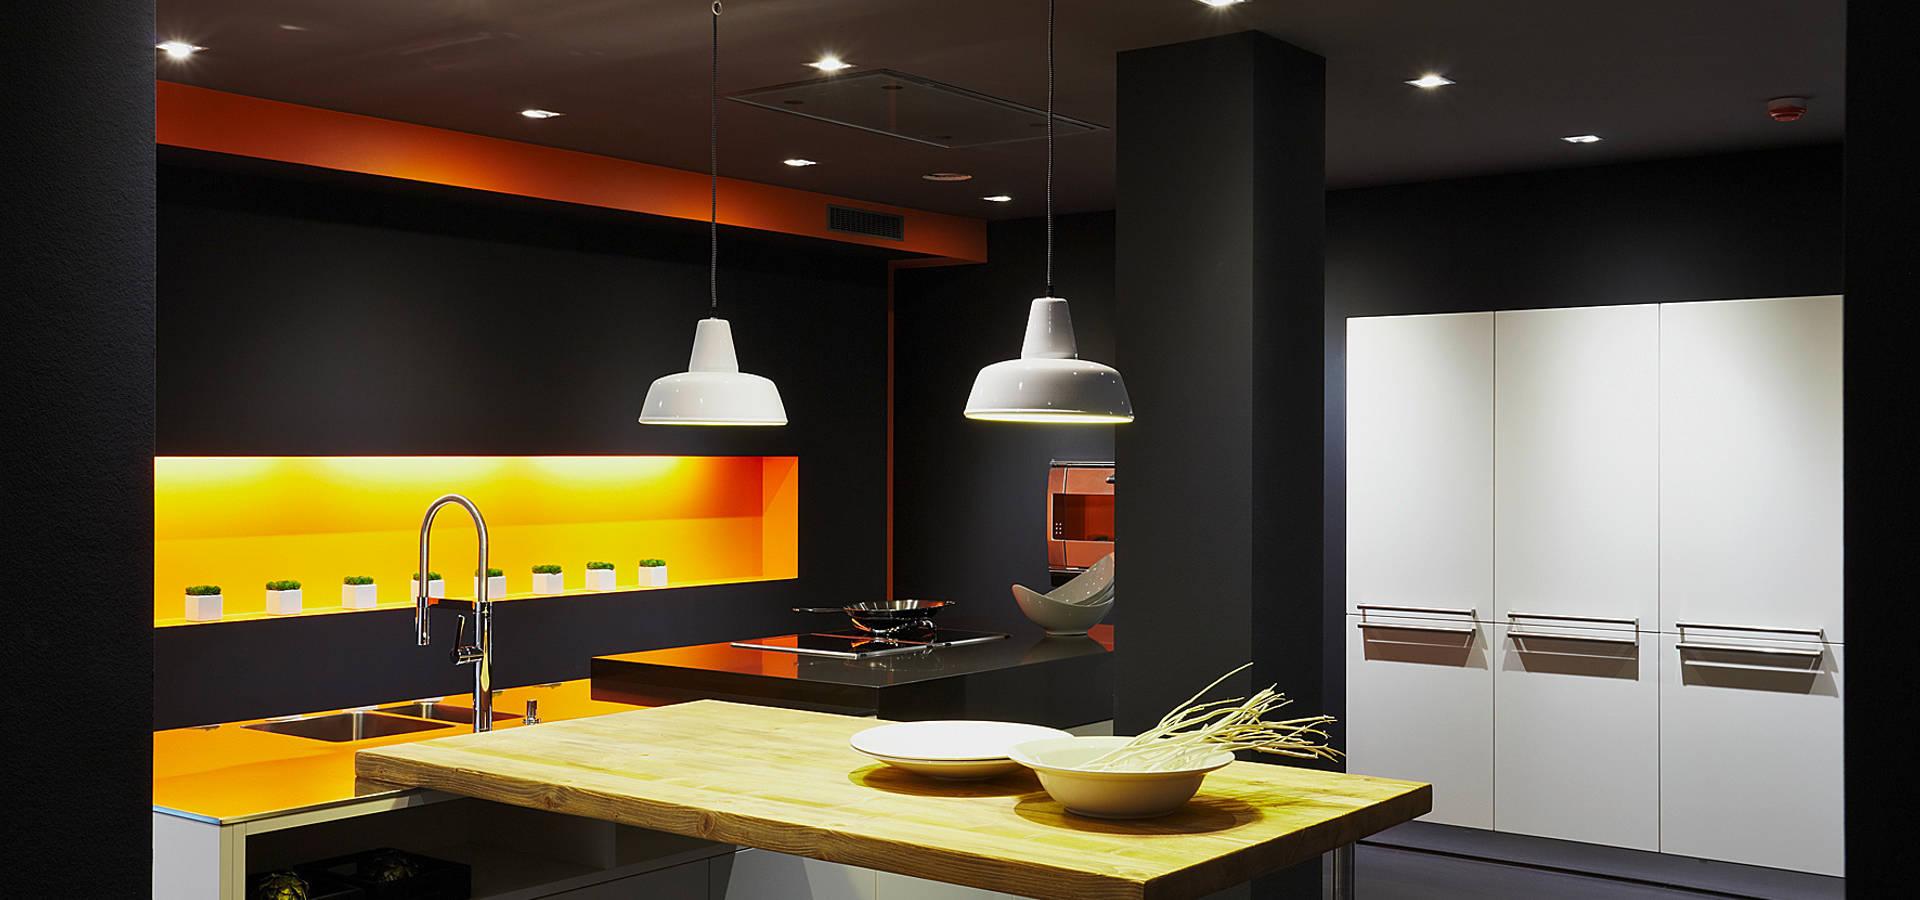 ausstellung von joppe exklusive einbauk chen gmbh homify. Black Bedroom Furniture Sets. Home Design Ideas